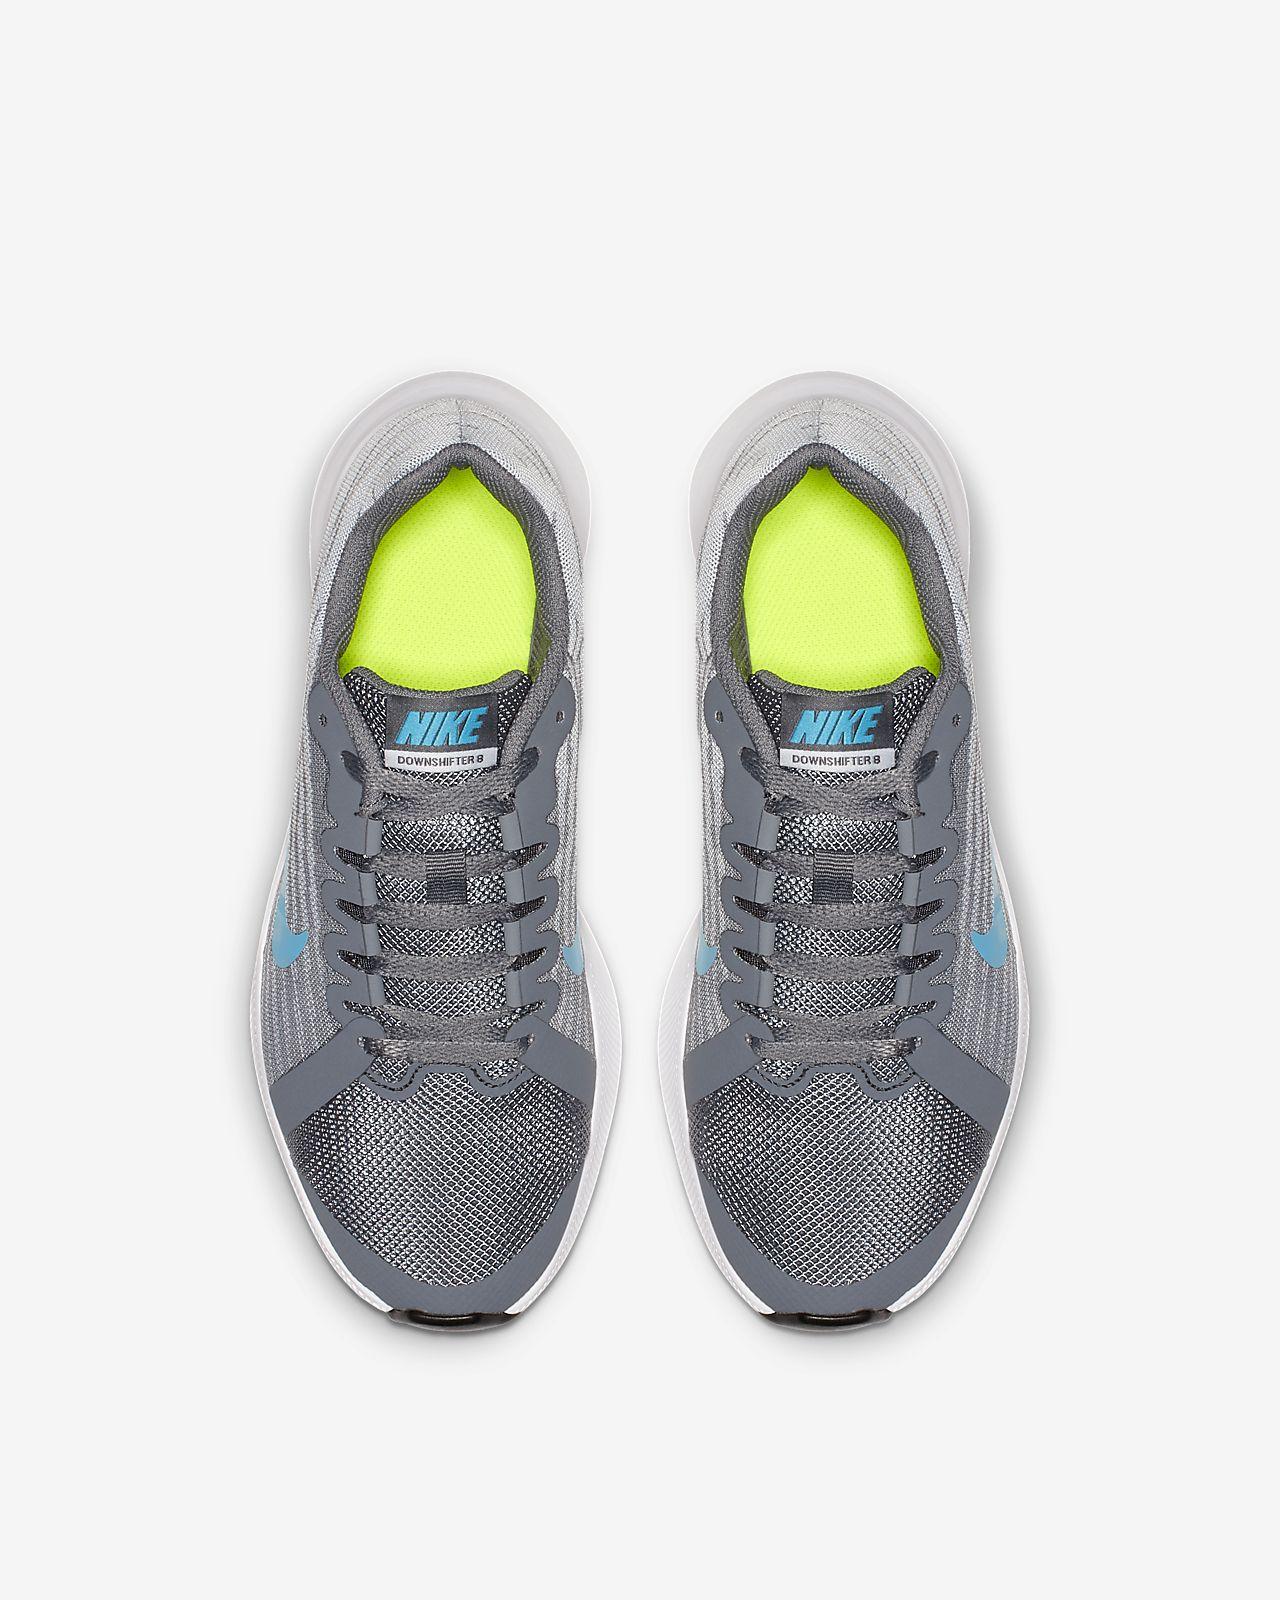 0c9efe95b68 Nike Downshifter 8 Hardloopschoen voor jongens. Nike.com NL